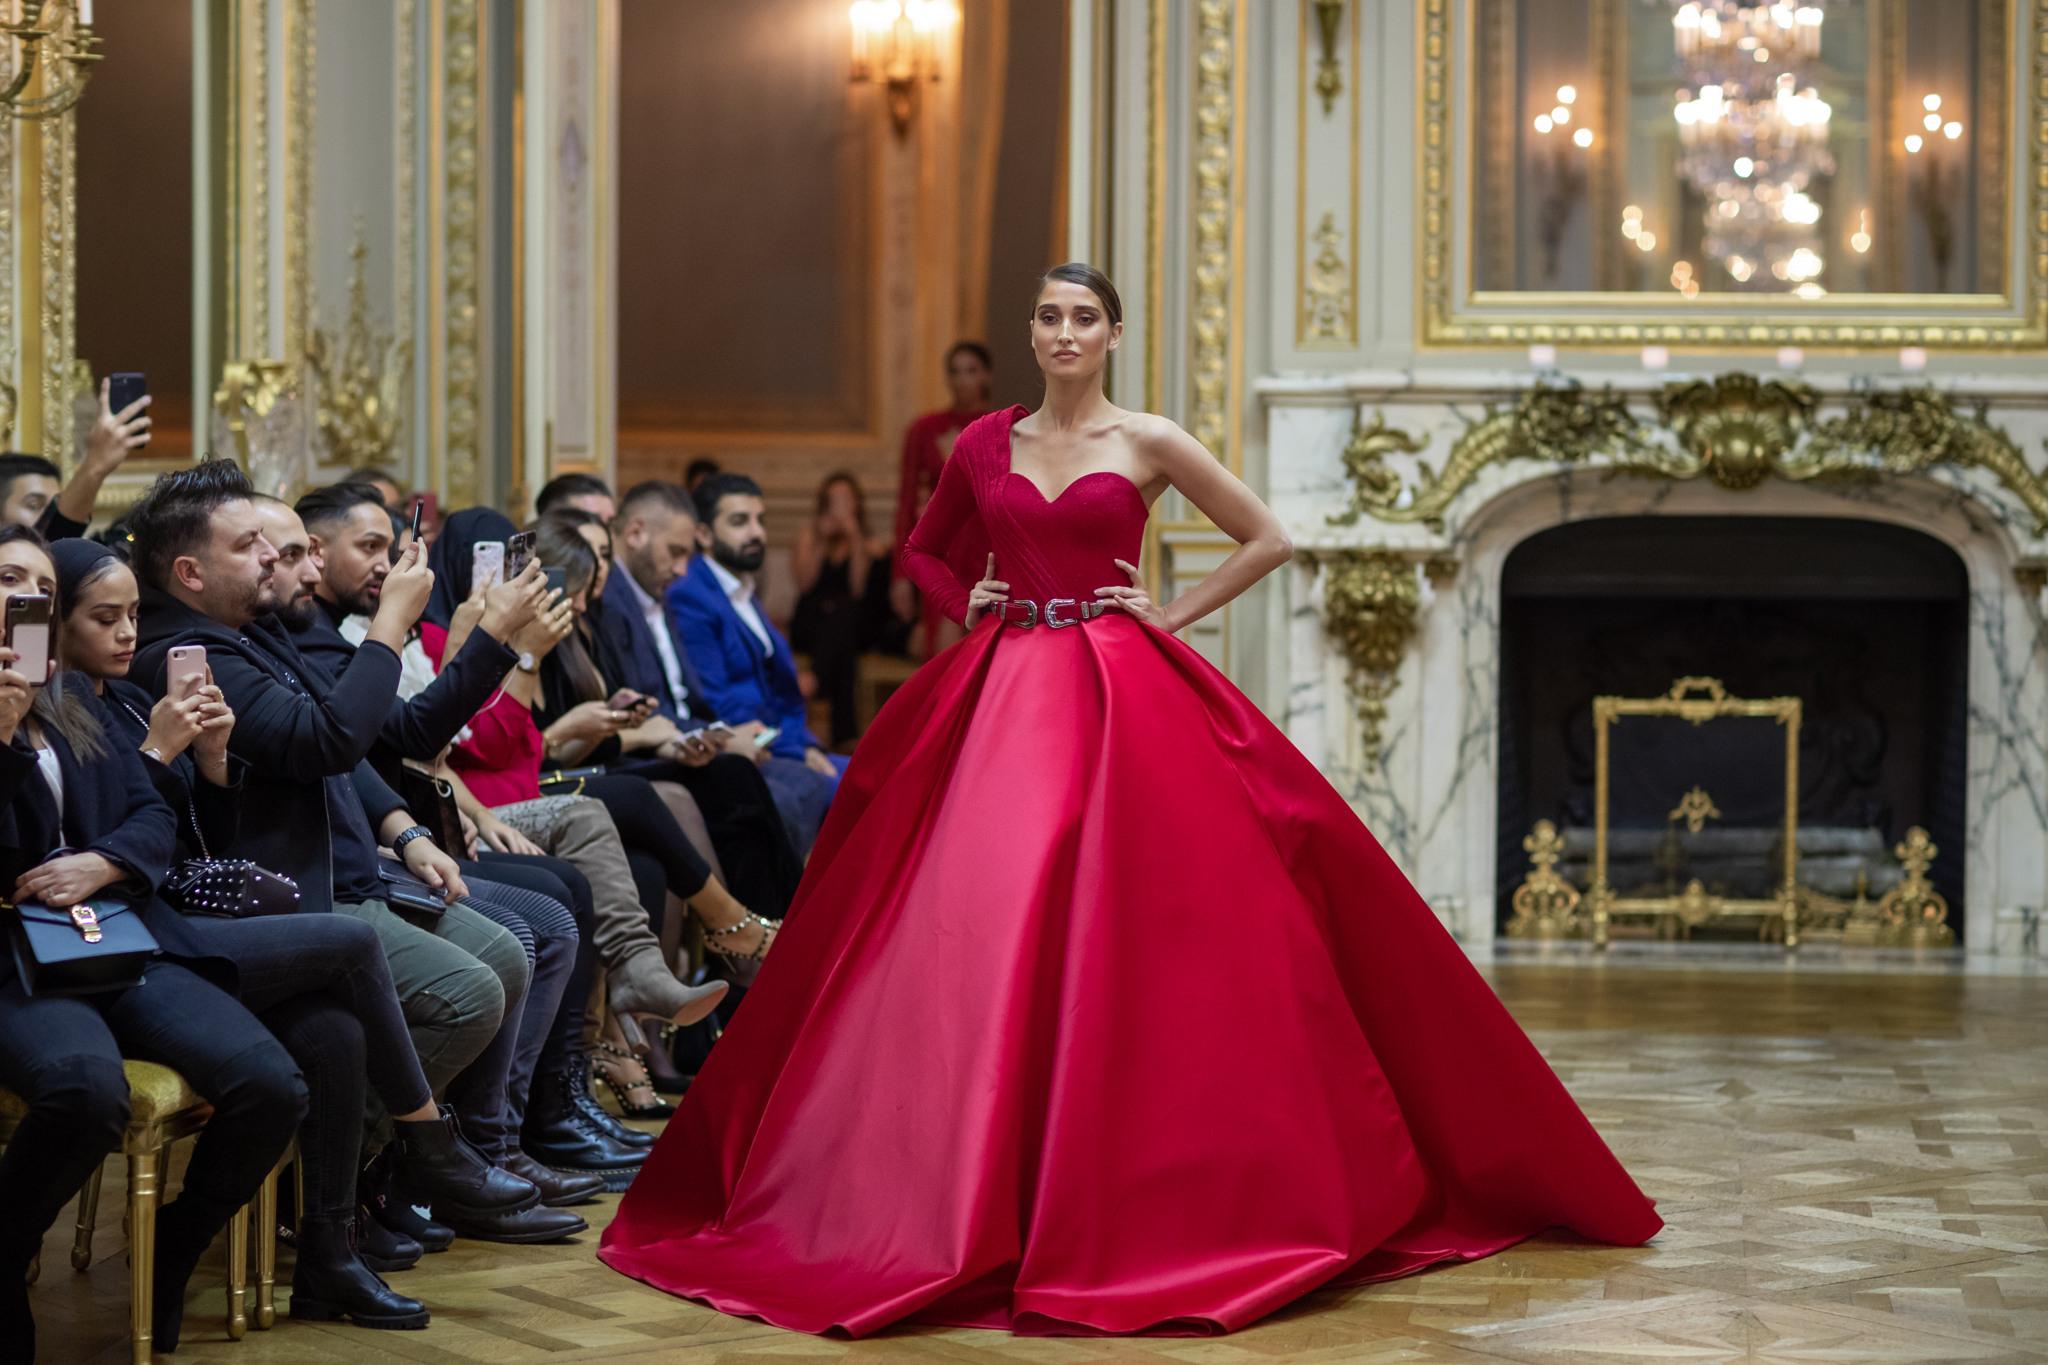 10 Fantastisch Abend Kleid Duisburg für 201917 Einfach Abend Kleid Duisburg Vertrieb